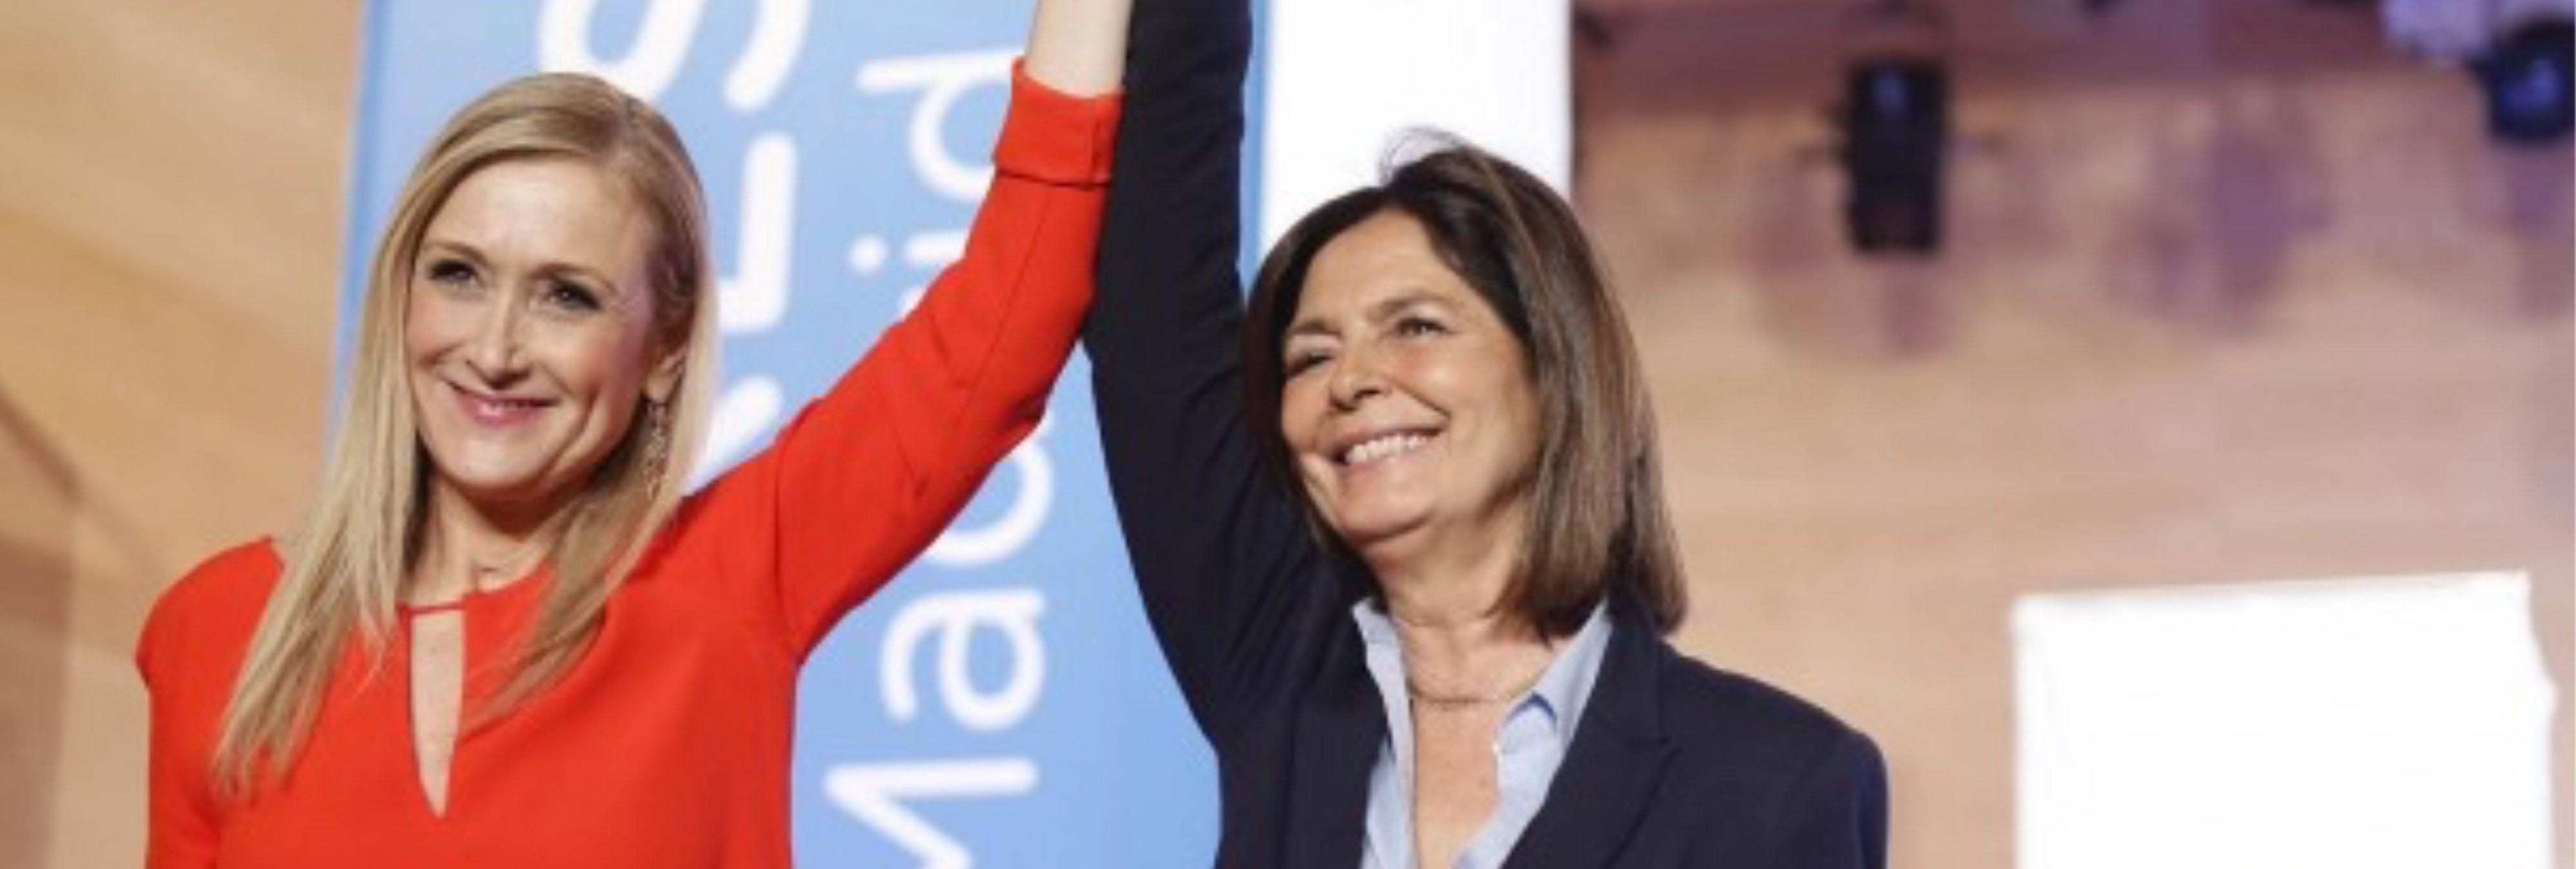 La presidenta de la Asamblea de Madrid bloquea la moción de censura contra Cifuentes